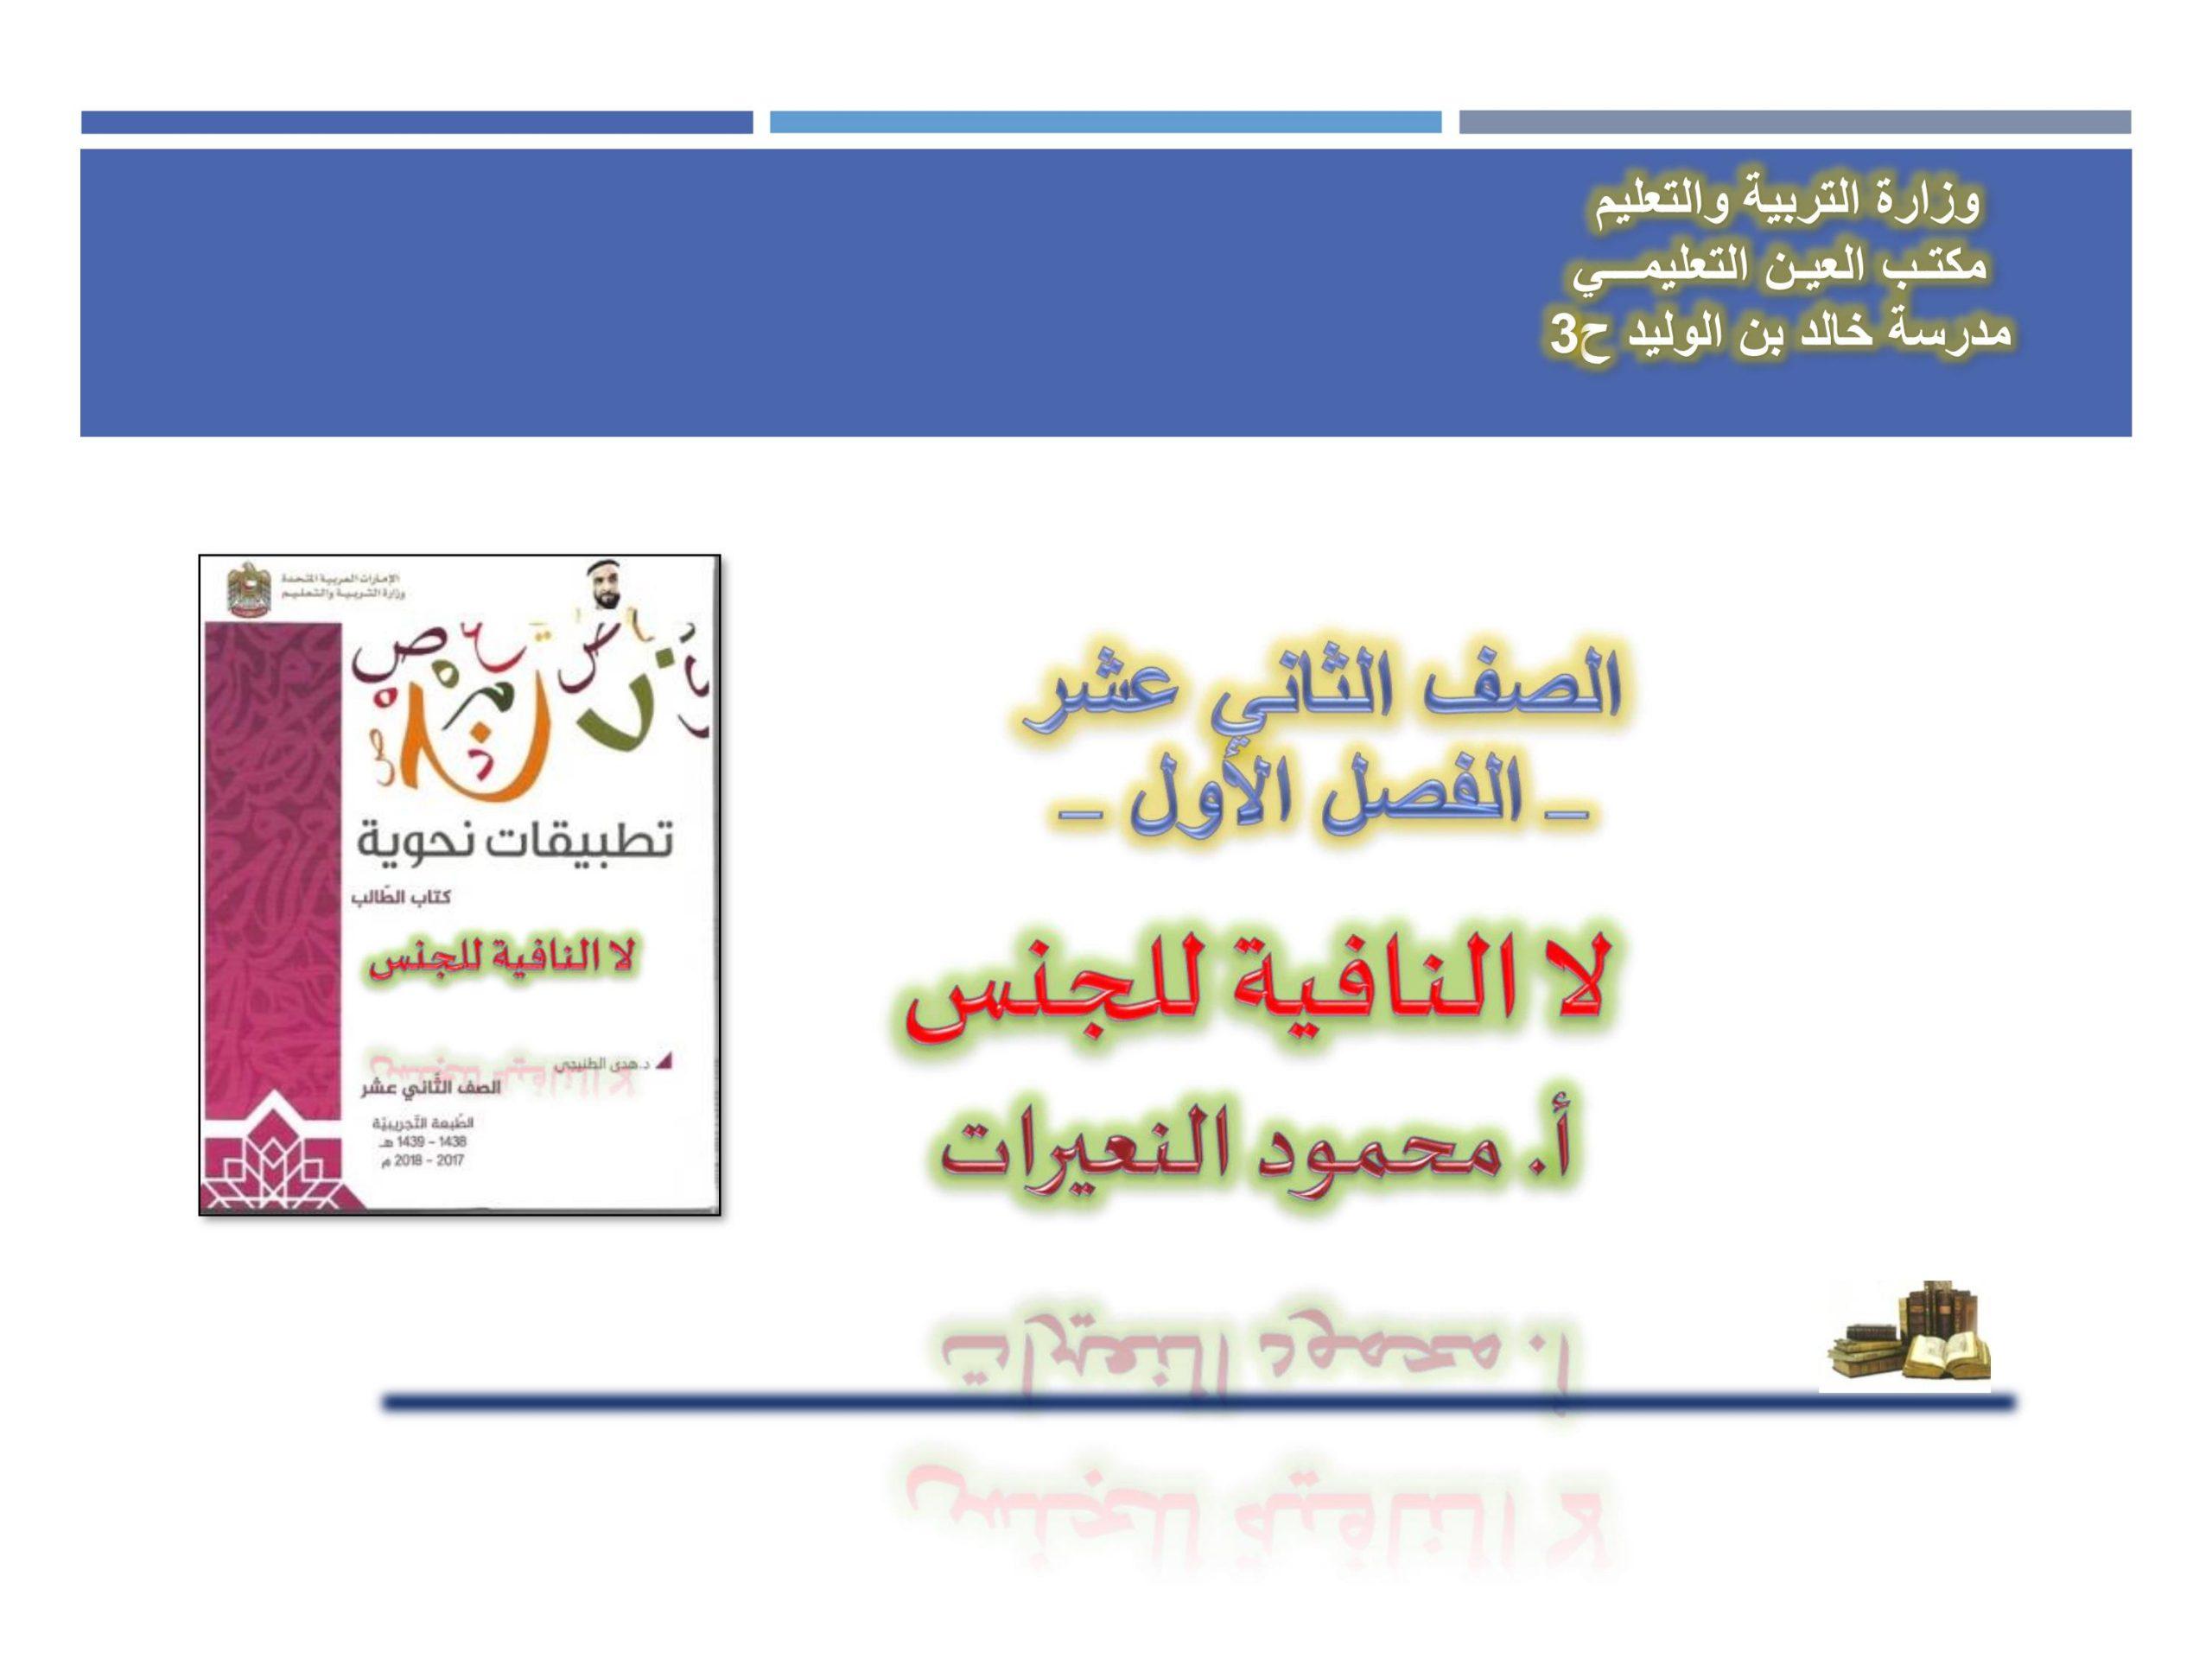 شرح درس لا النافية للجنس الصف الثاني عشر مادة اللغة العربية